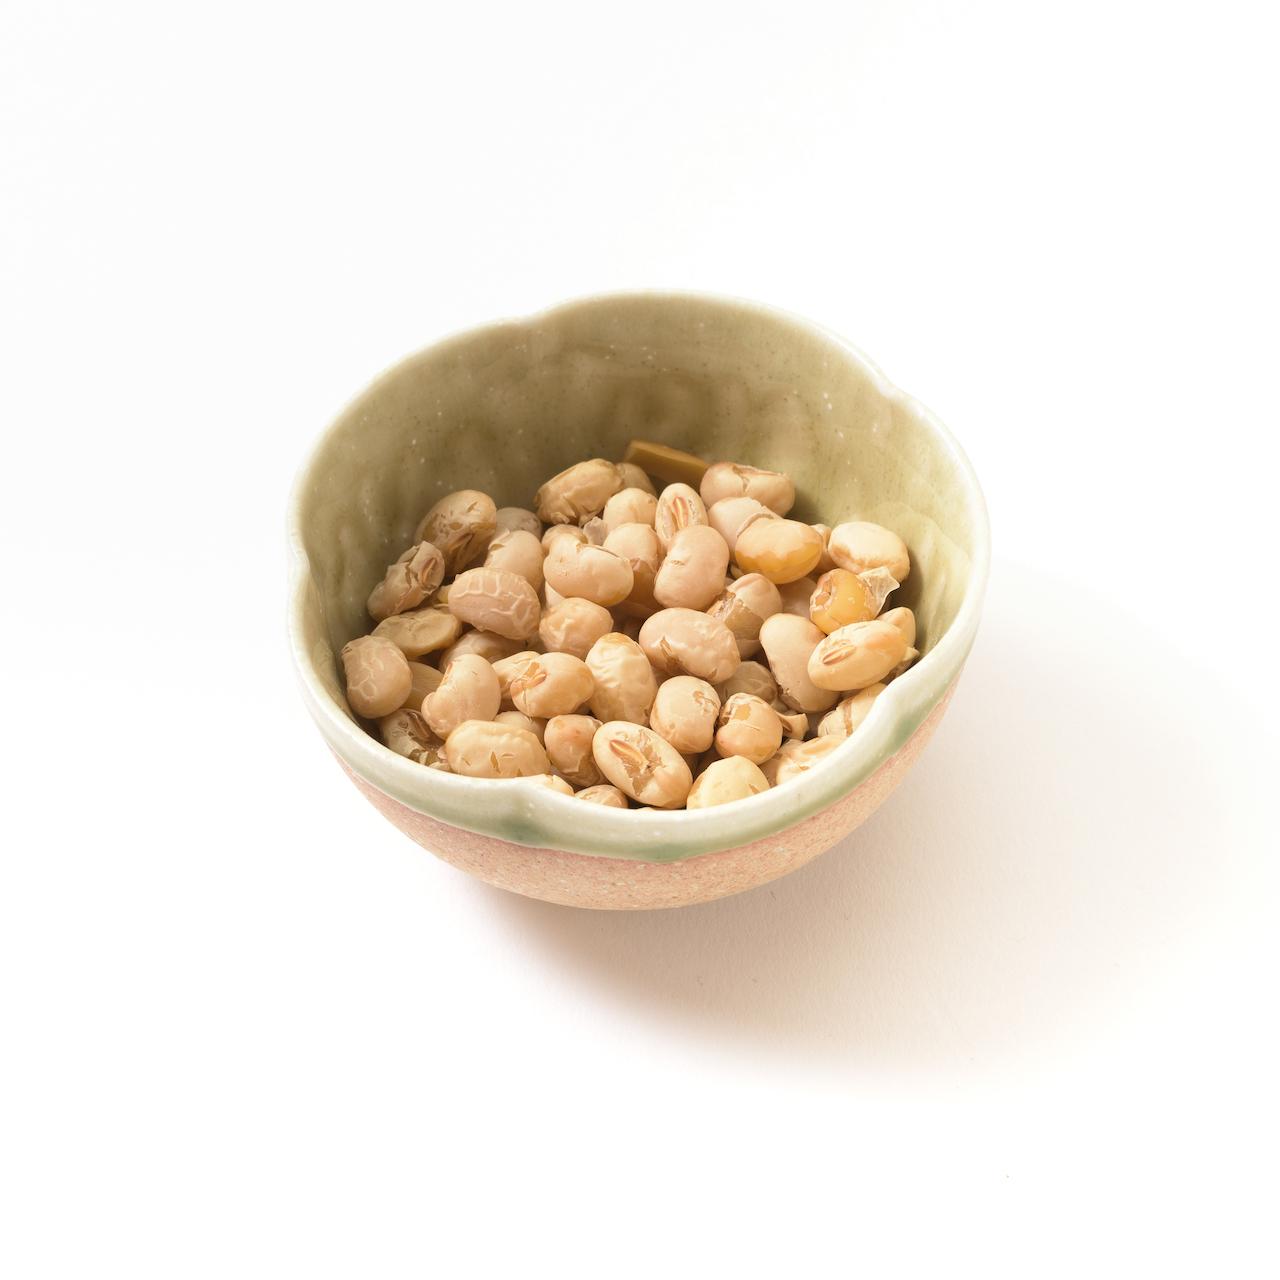 ドライ大豆